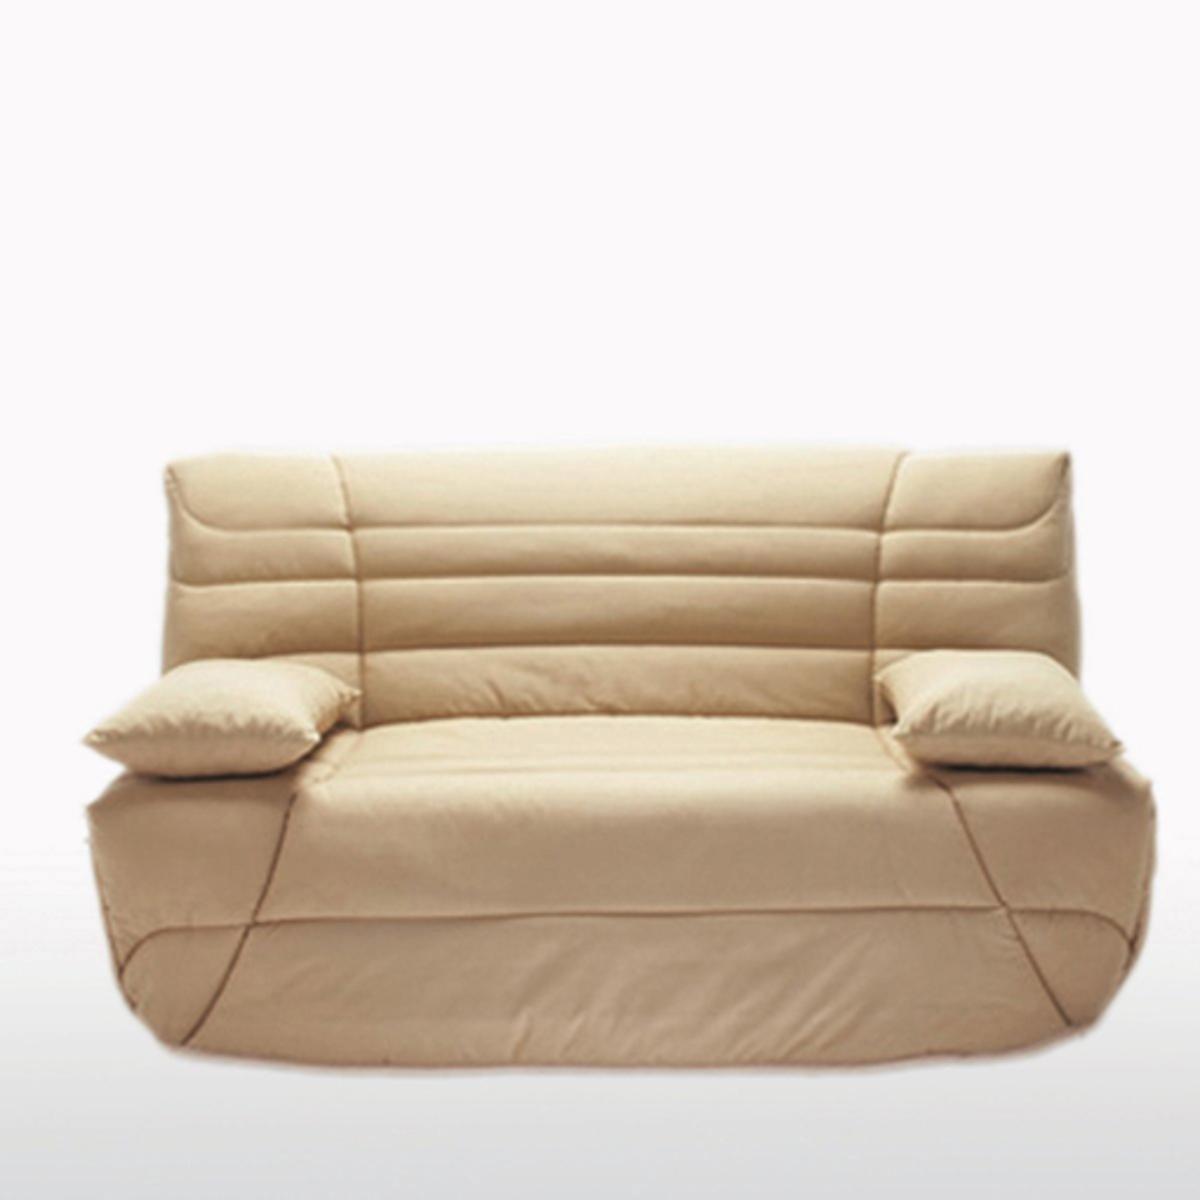 Чехол для дивана-книжки, толщина 14 см, усовершенствованная модельЧехол для дивана-книжки, усовершенствованная модель. - Практичный, позволит сменить декор и продлить срок службы вашего дивана-книжки ! Сделано в Европе.Размеры :3 варианта ширины :Ширина 90 см, толщина 14 смШирина 140 см, толщина 14 смШирина 160 см, толщина 14 смОписание :- Практичный, позволит сменить декор и продлить срок службы вашего дивана-книжки!- Стеганый чехол с наполнителем из полиэстера, плотность. 250 г/м3Застежка на молнию- Поставляется в комплекте с 2 чехлами на подушку-валик (кроме модели 90 см)Обивка :- Однотонная расцветка : 100% хлопок, пропитка от пятен (250 г/м?)- Расцветка с рисунком : 50% хлопка, 50% полиэстера- Меланжевая расцветка : 100% полиэстер- Предоставляем бесплатные образцы материала : Введите примеры дивана-книжки в поисковой системе на сайте laredoute.ru.Другие модели коллекции диванов-книжки вы можете найти на сайте laredoute.ru<br><br>Цвет: антрацит,бежевый песочный,горчичный,красный,светло-серый,серо-каштановый меланж,серо-коричневый каштан,сине-зеленый,синий морской,темно-серый меланж,шоколадно-каштановый<br>Размер: 160 x 200  см.140 x 190  см.140 x 190  см.140 x 190  см.140 x 190  см.90 x 190  см.90 x 190  см